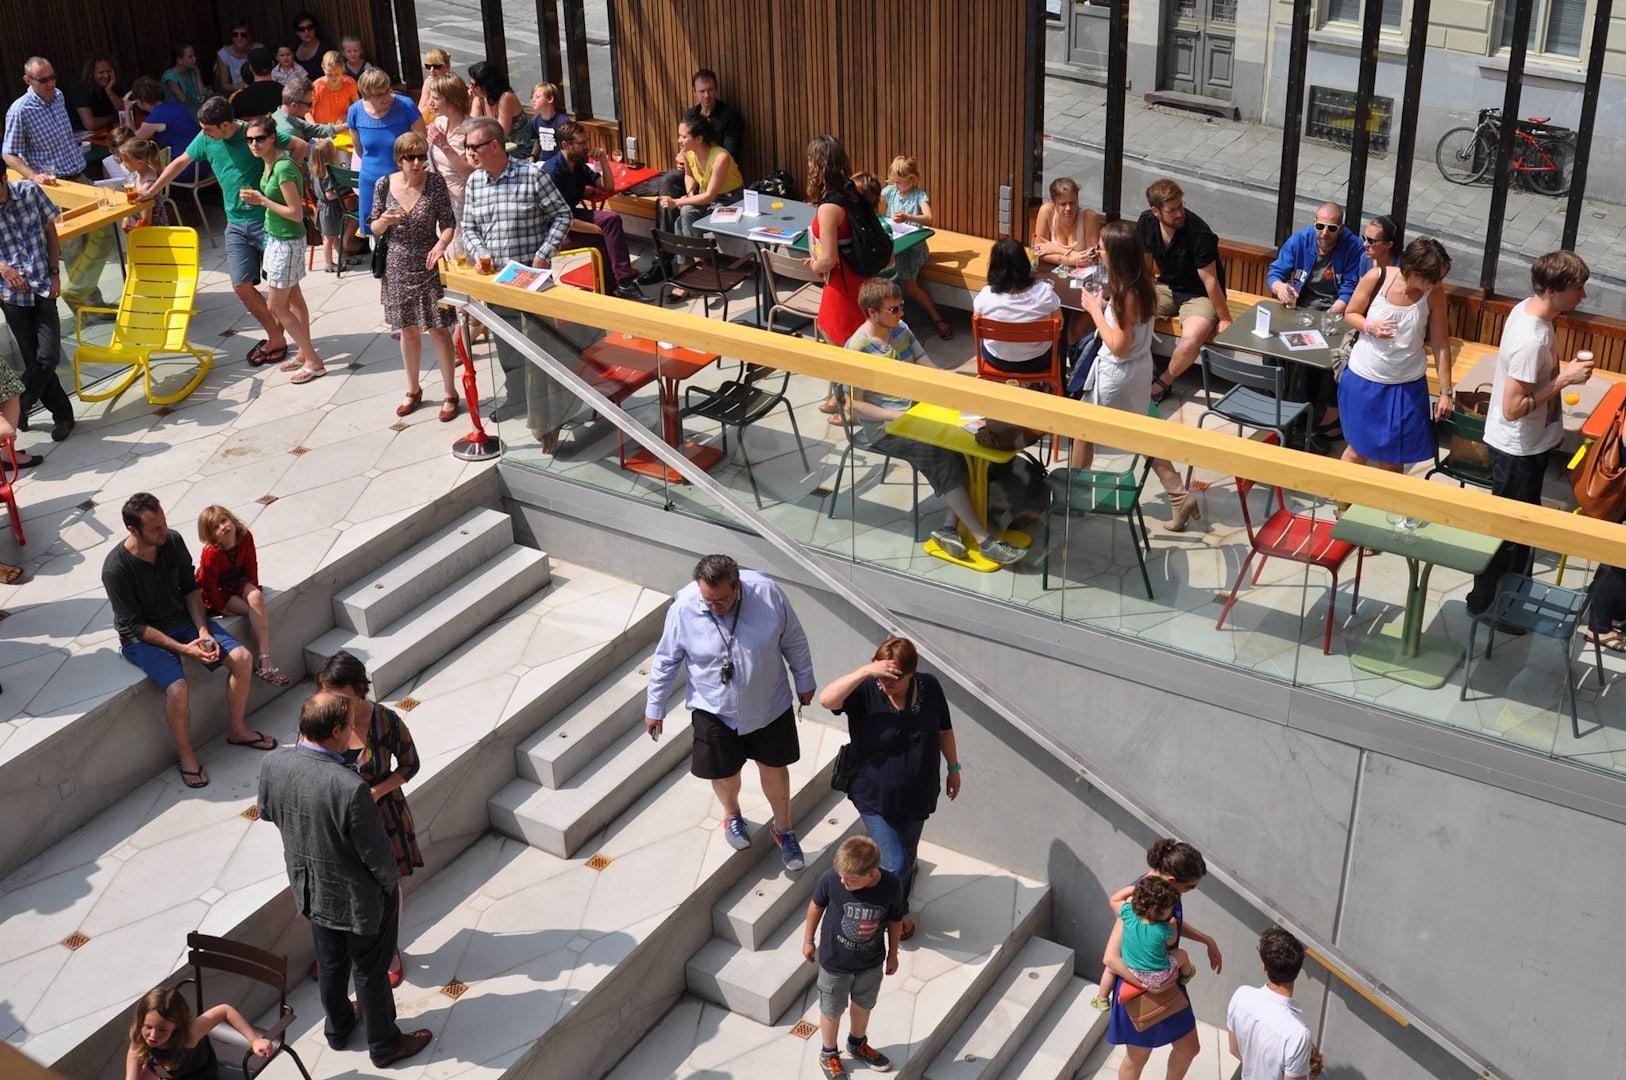 Ghent - cafe Vooruit rooftop terrace